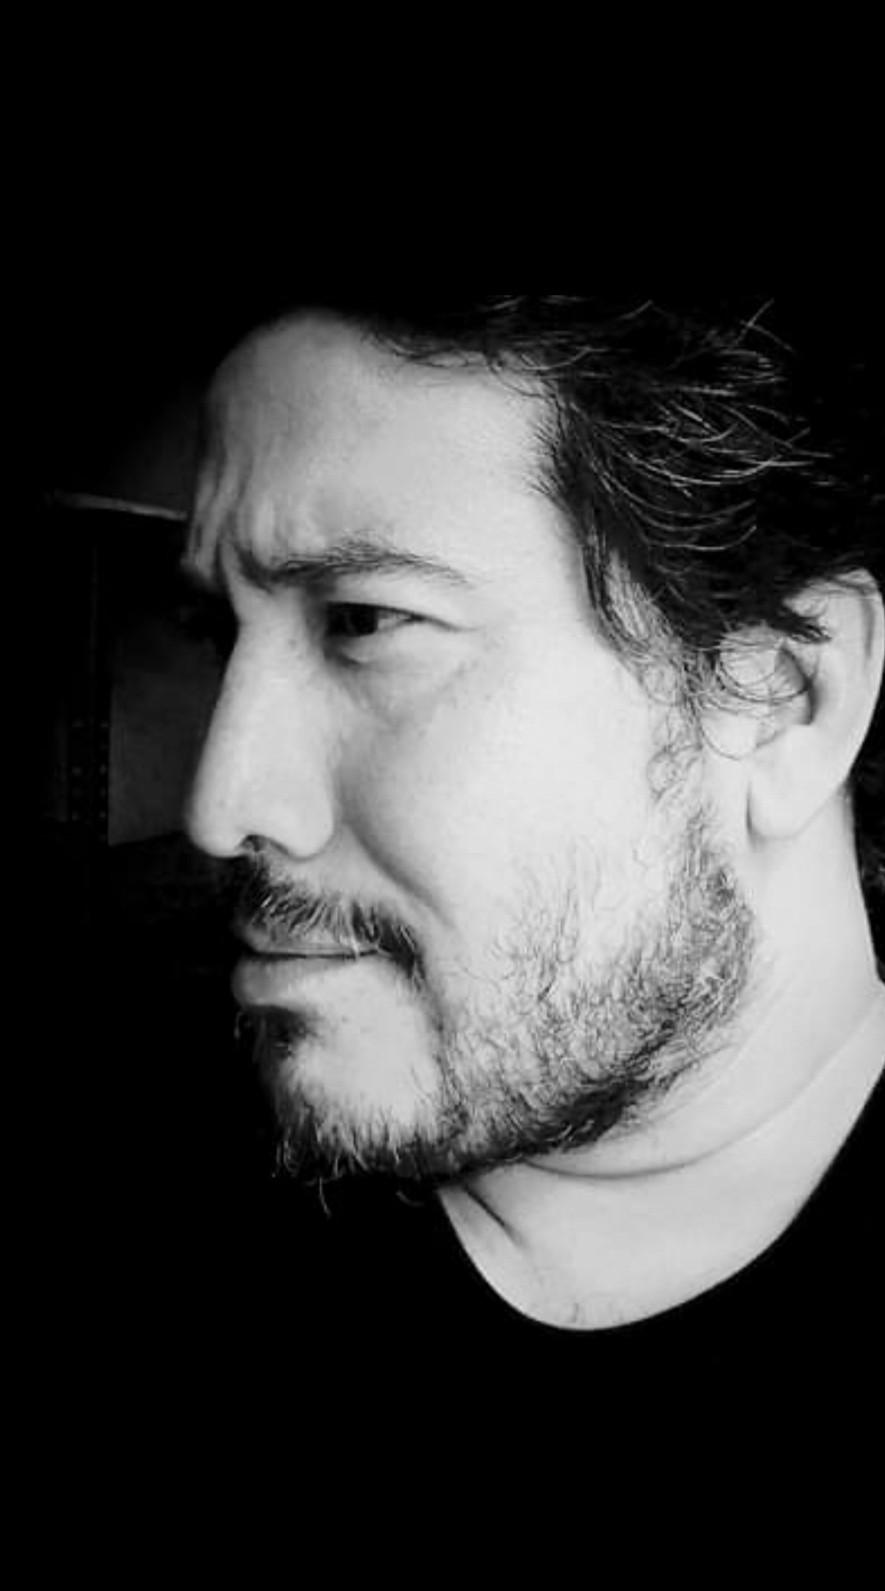 Santaneco gana mención honorifica en concurso de narrativa en Argentina